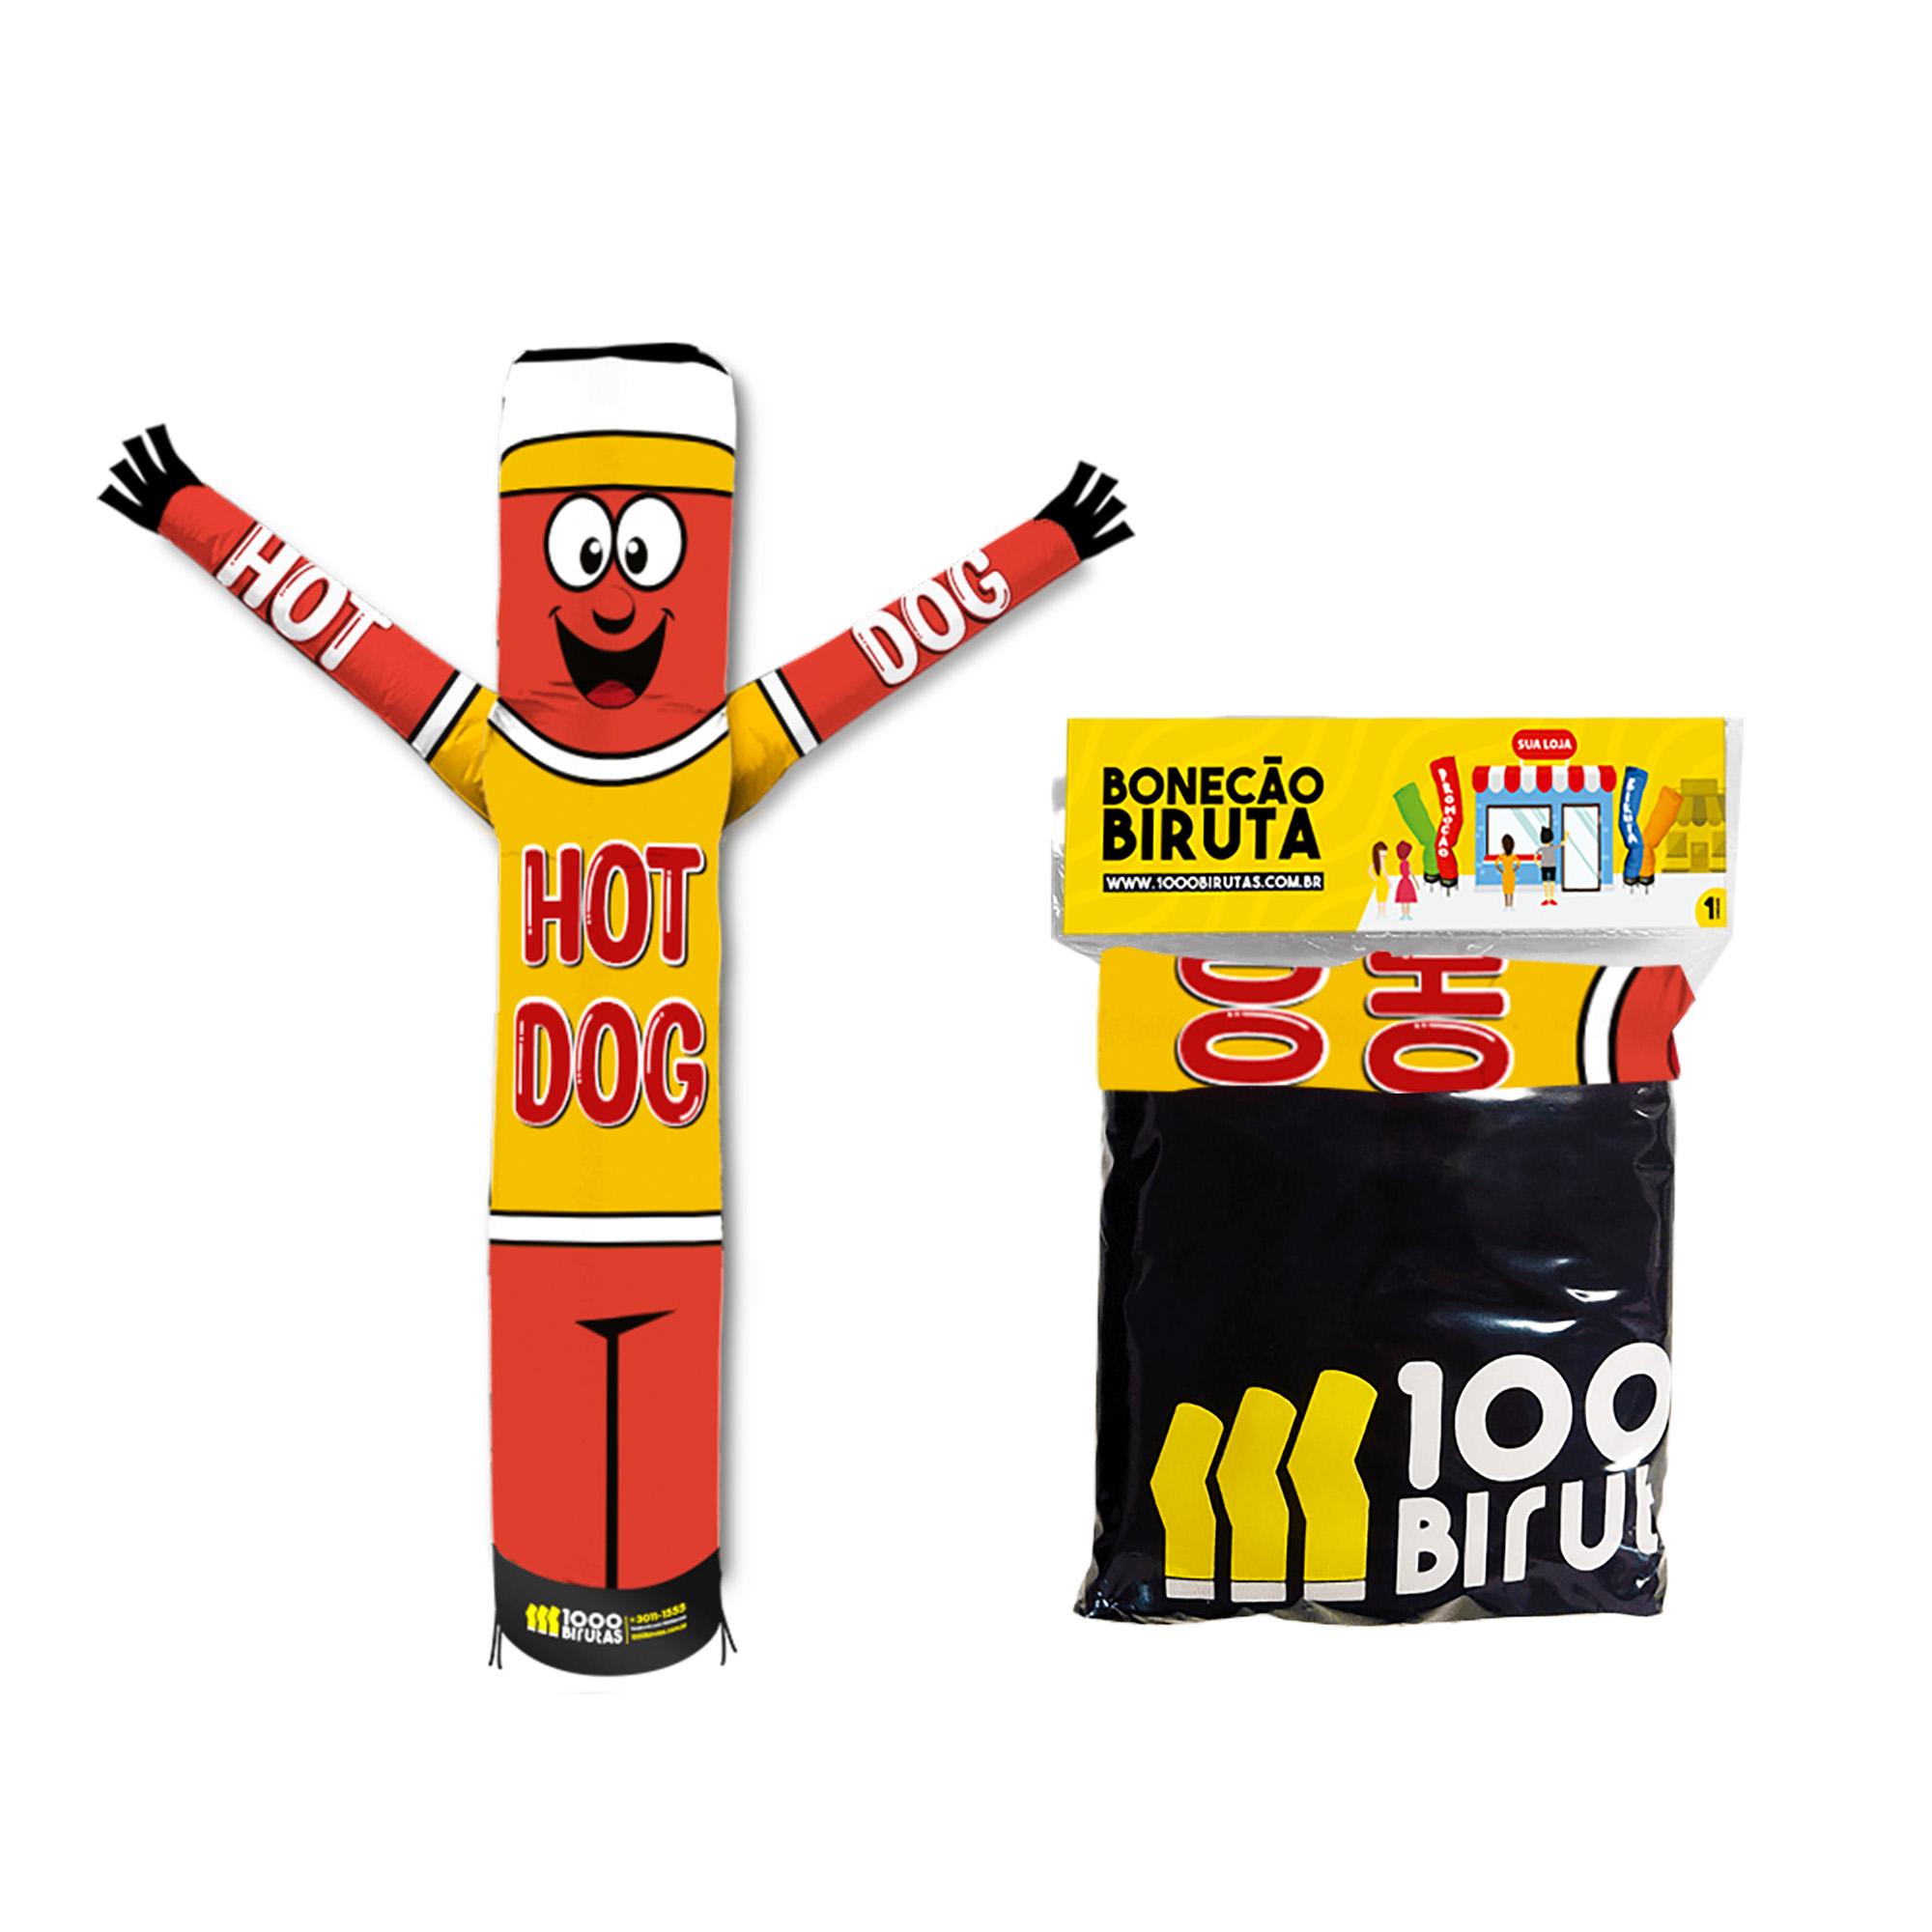 Boneco Bonekito Pano 2M Hot Dog  - 1000 Birutas